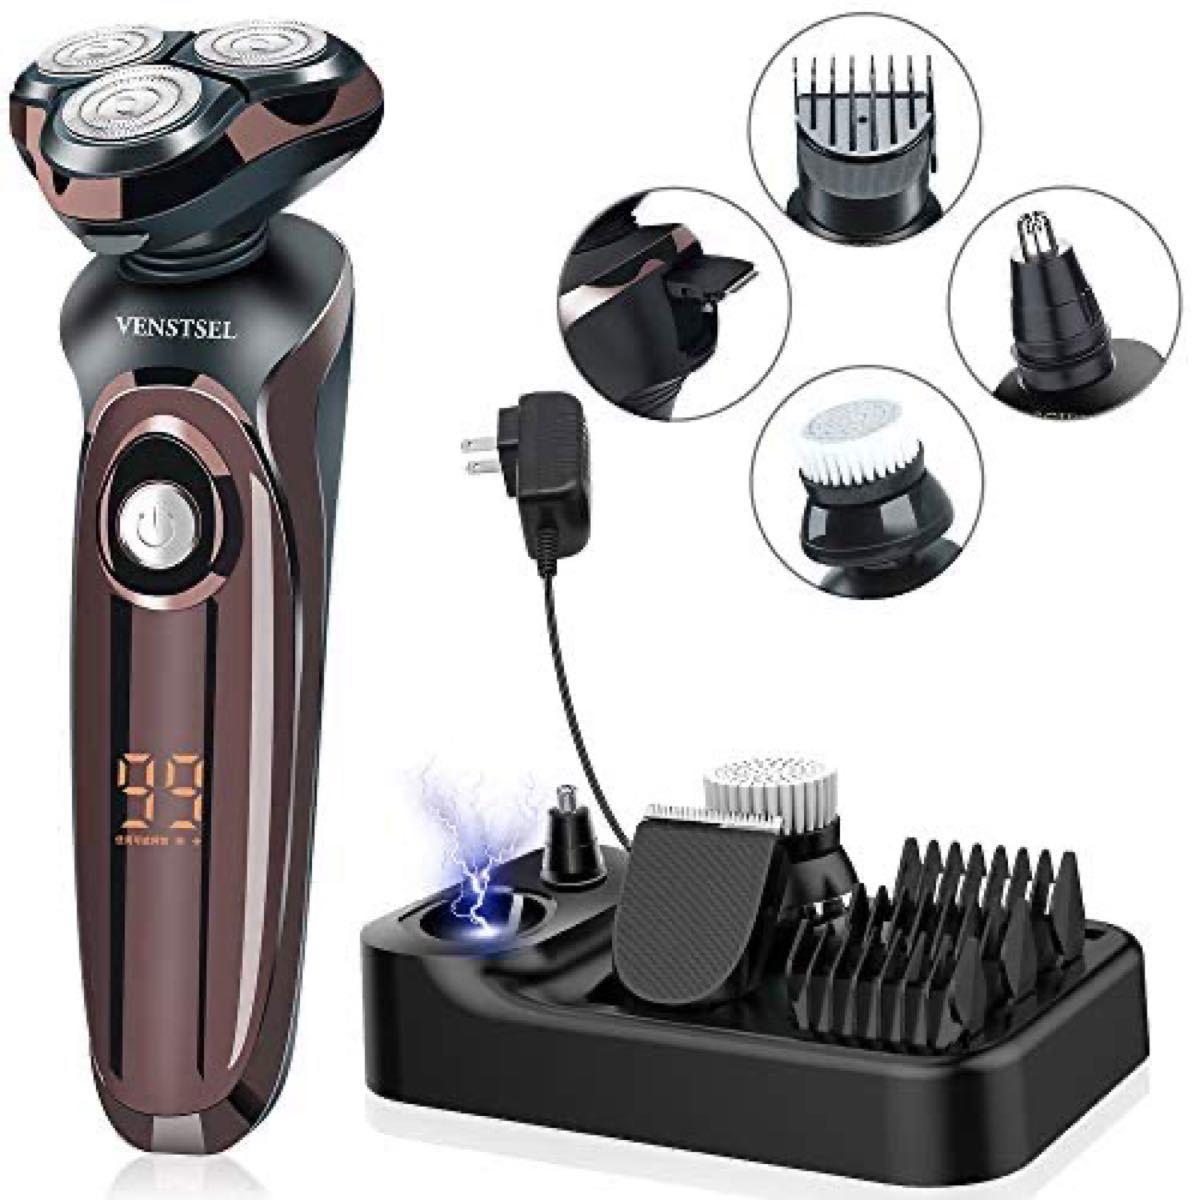 シェーバー 電気シェーバーメンズシェーバー髭剃り回転式3枚刃